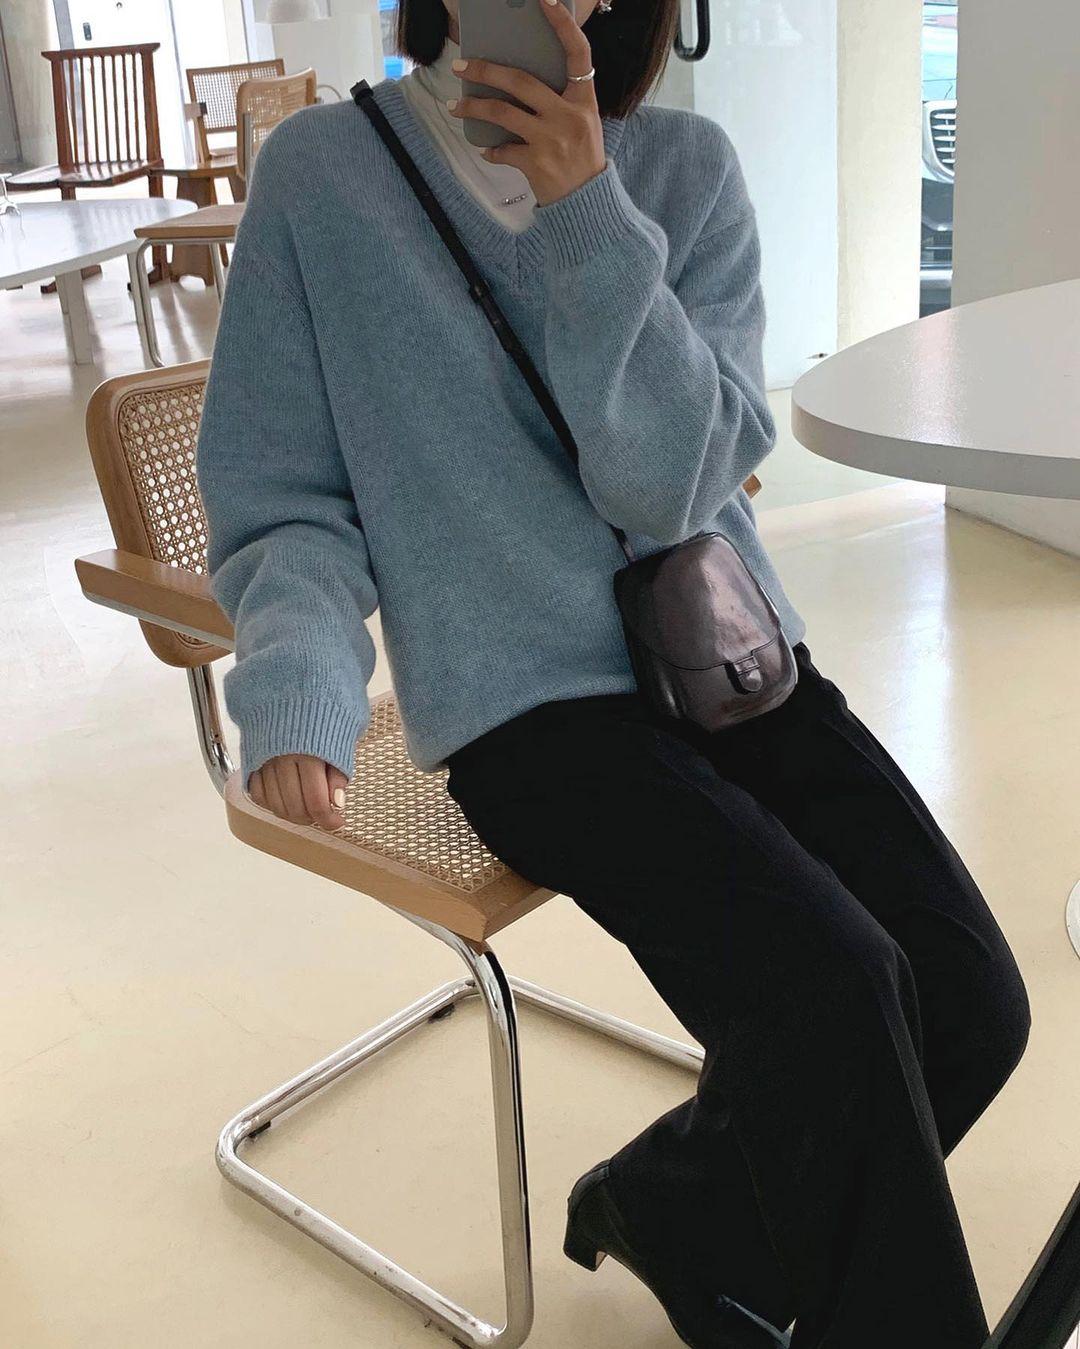 Gái Hàn diện quần đen rất nhiều nhưng luôn xịn đẹp chứ không nhàm chán, đó là vì họ có 4 tips - Ảnh 12